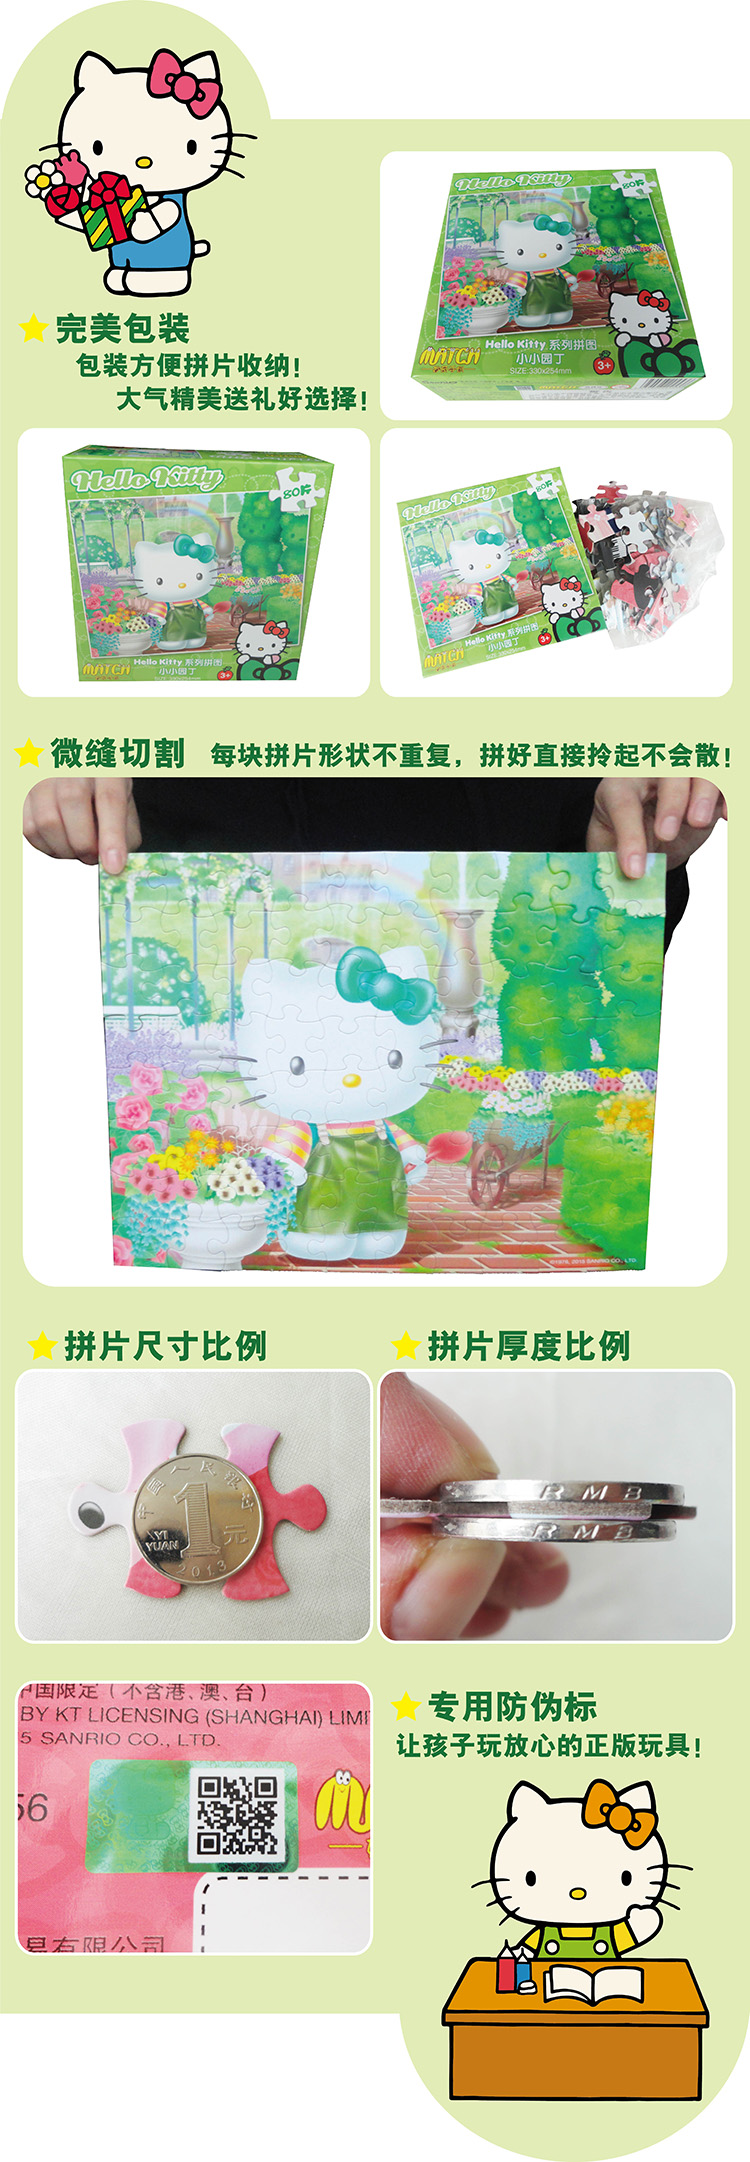 Hello Kitty 儿童拼图 拼插玩具手眼脑协调的锻炼工具 盒装平面拼图纸质80片多少钱